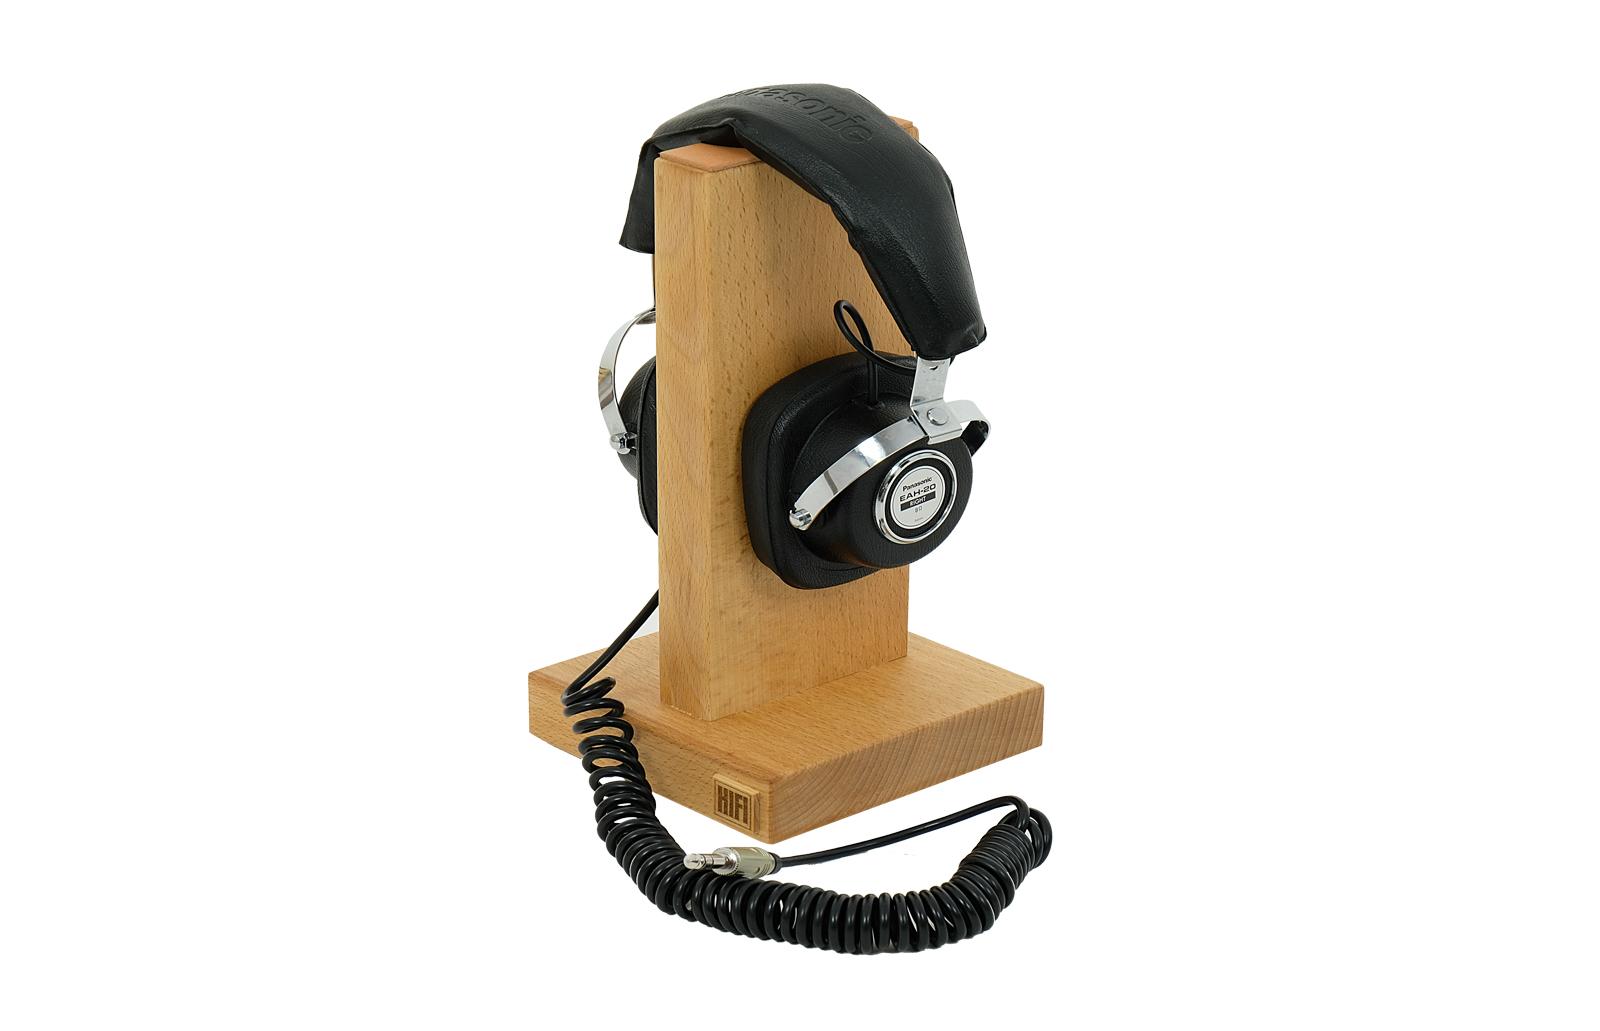 Headphones stands